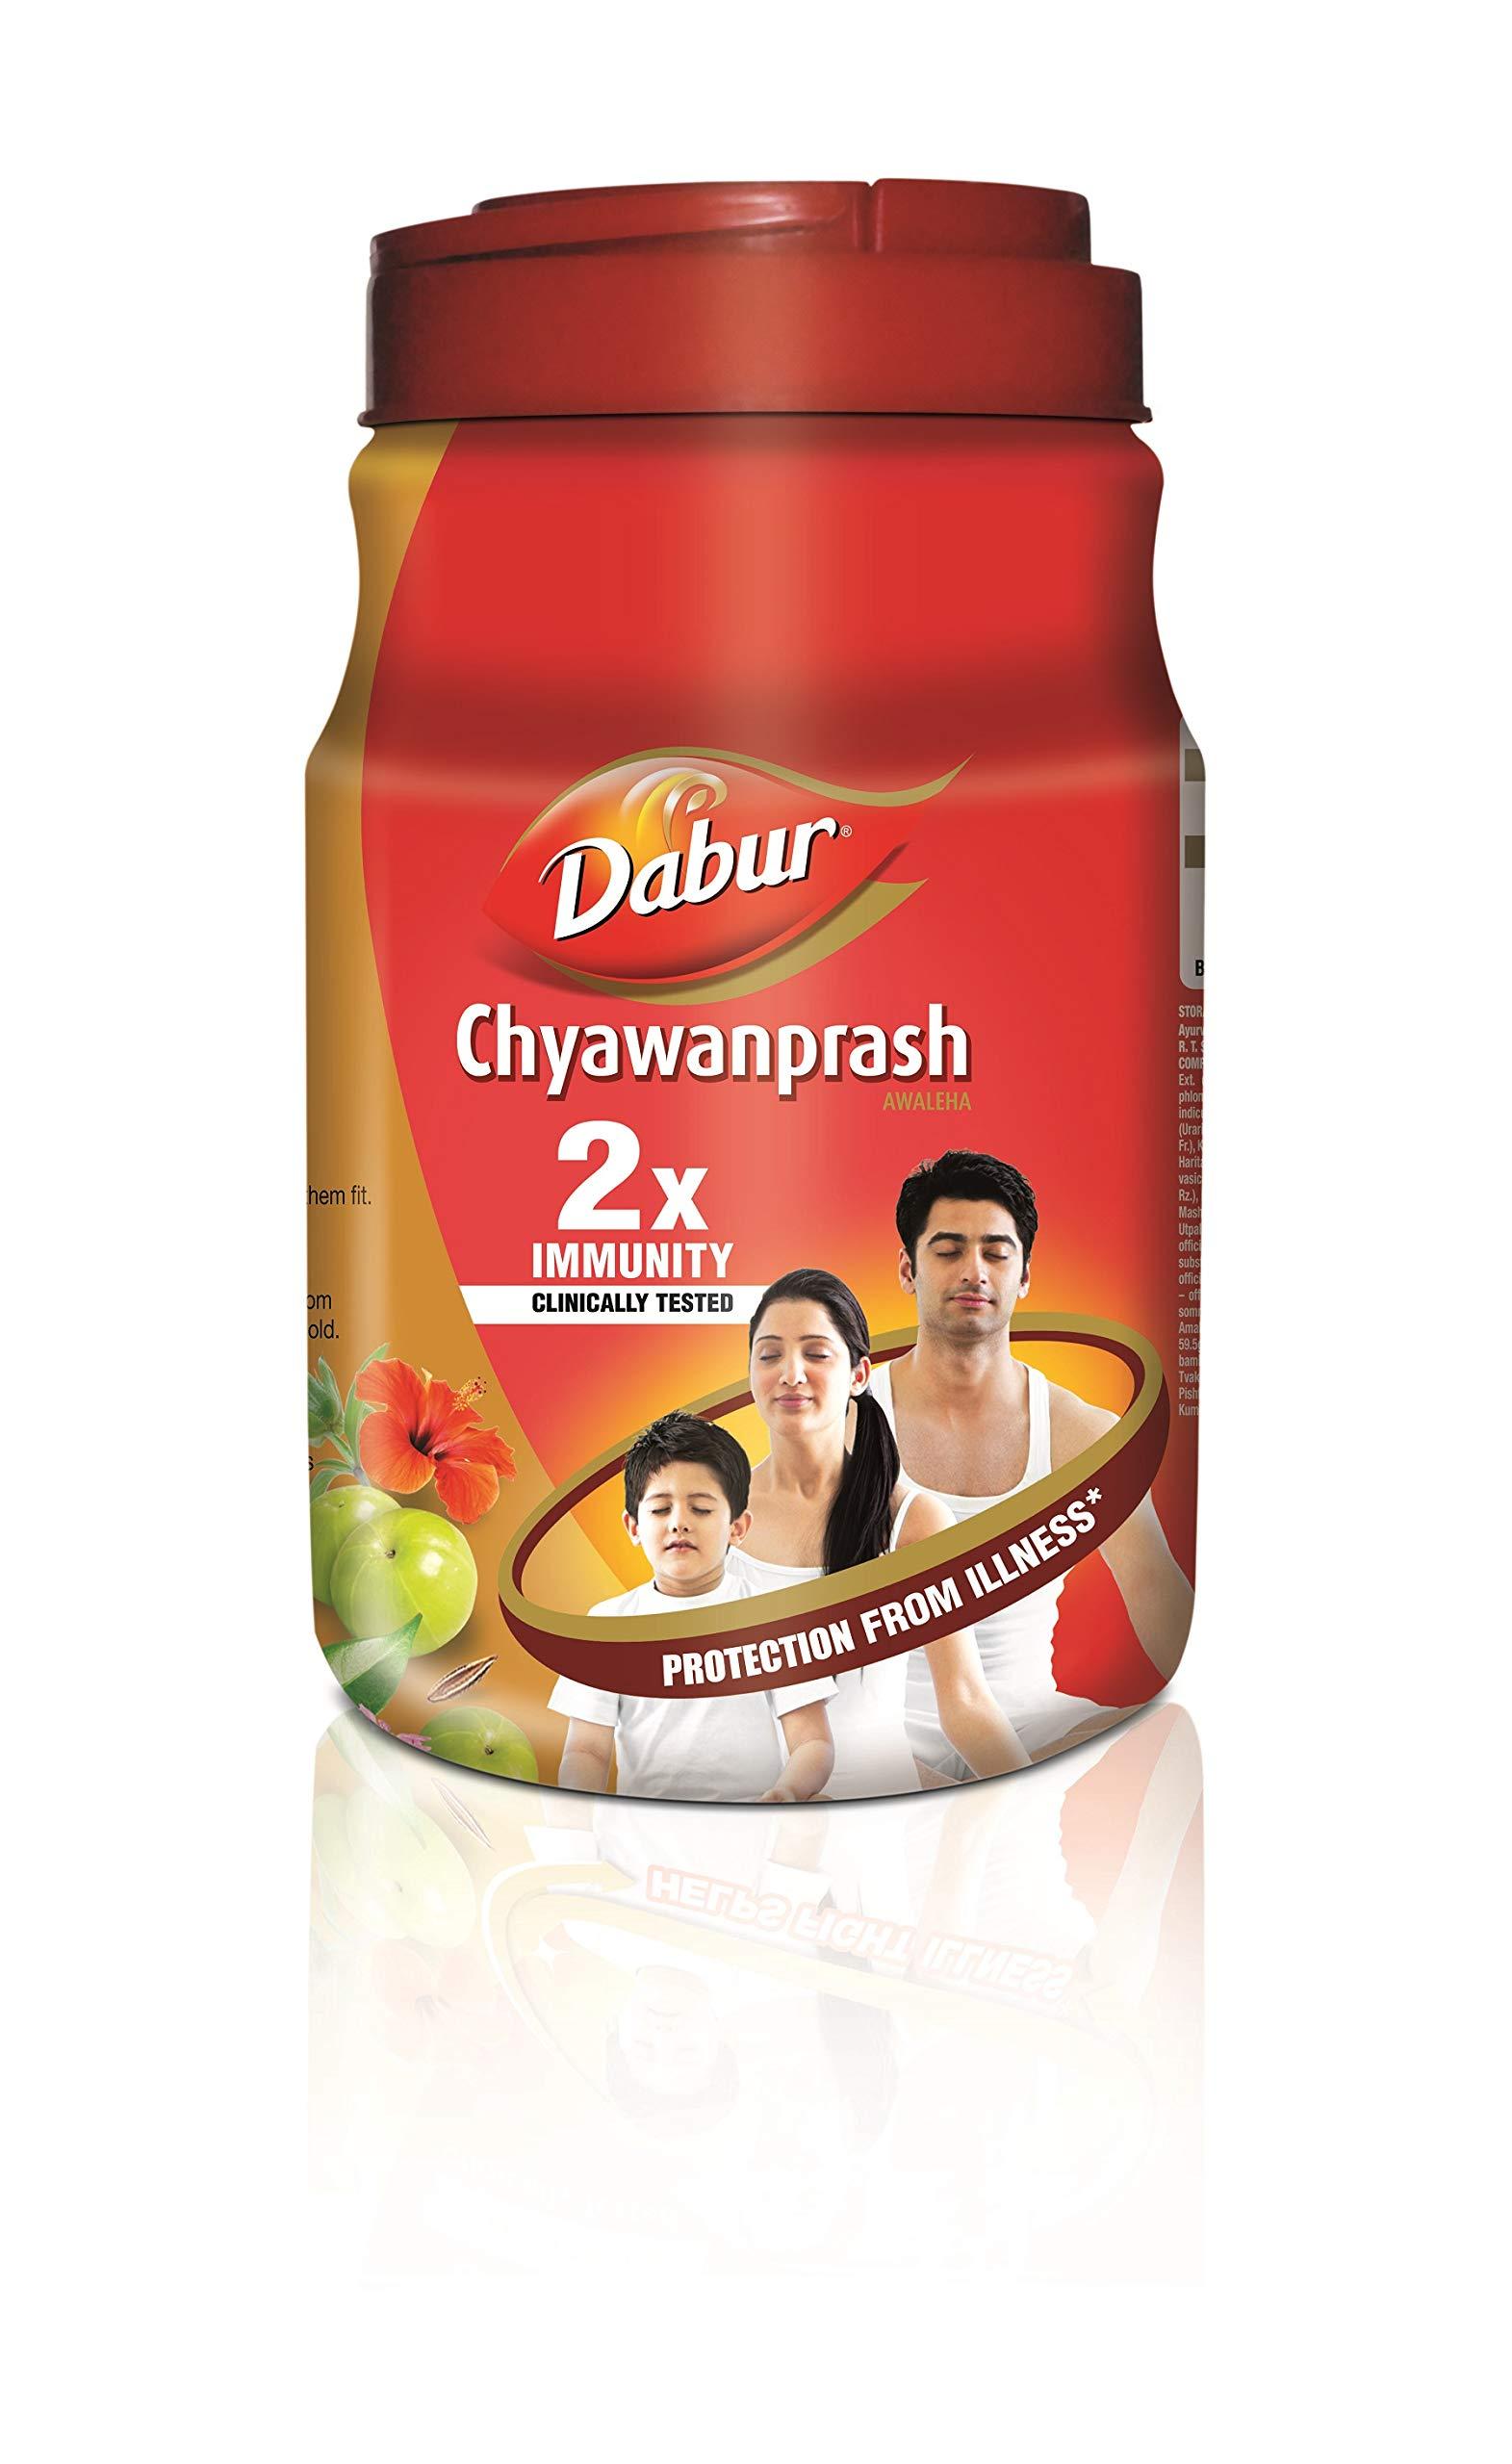 Dabur-Chyawanprash-Awaleha-2-kg